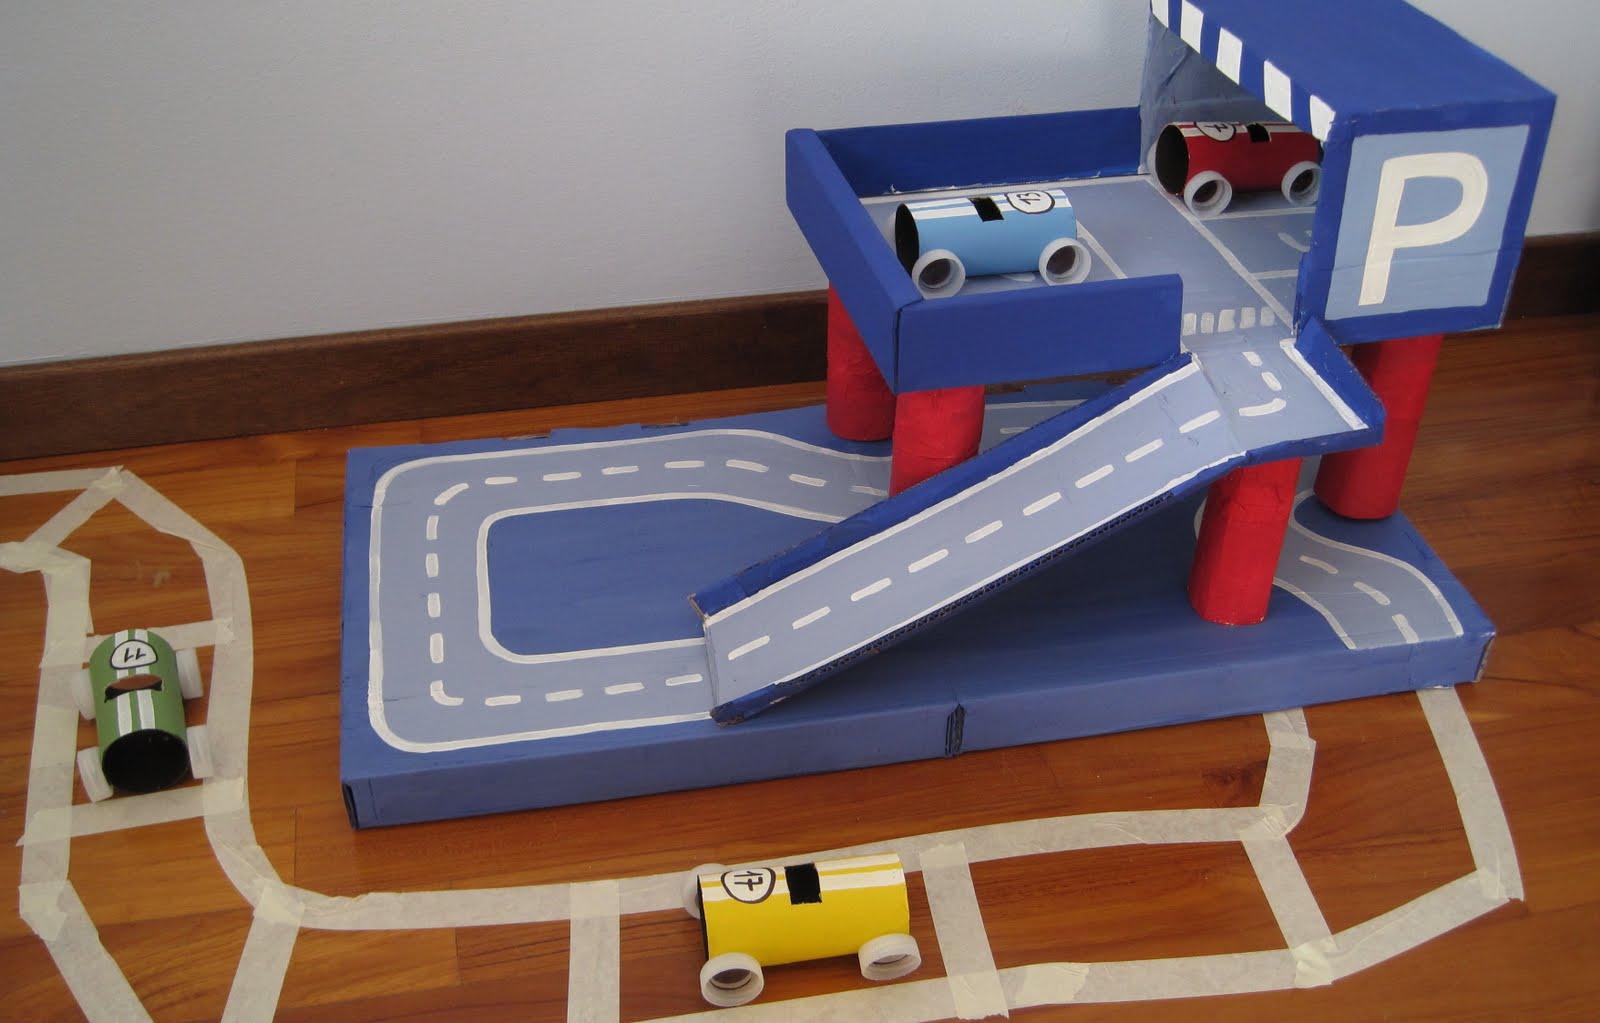 Famoso manumanie-kids: Parcheggio macchine di cartone SI18